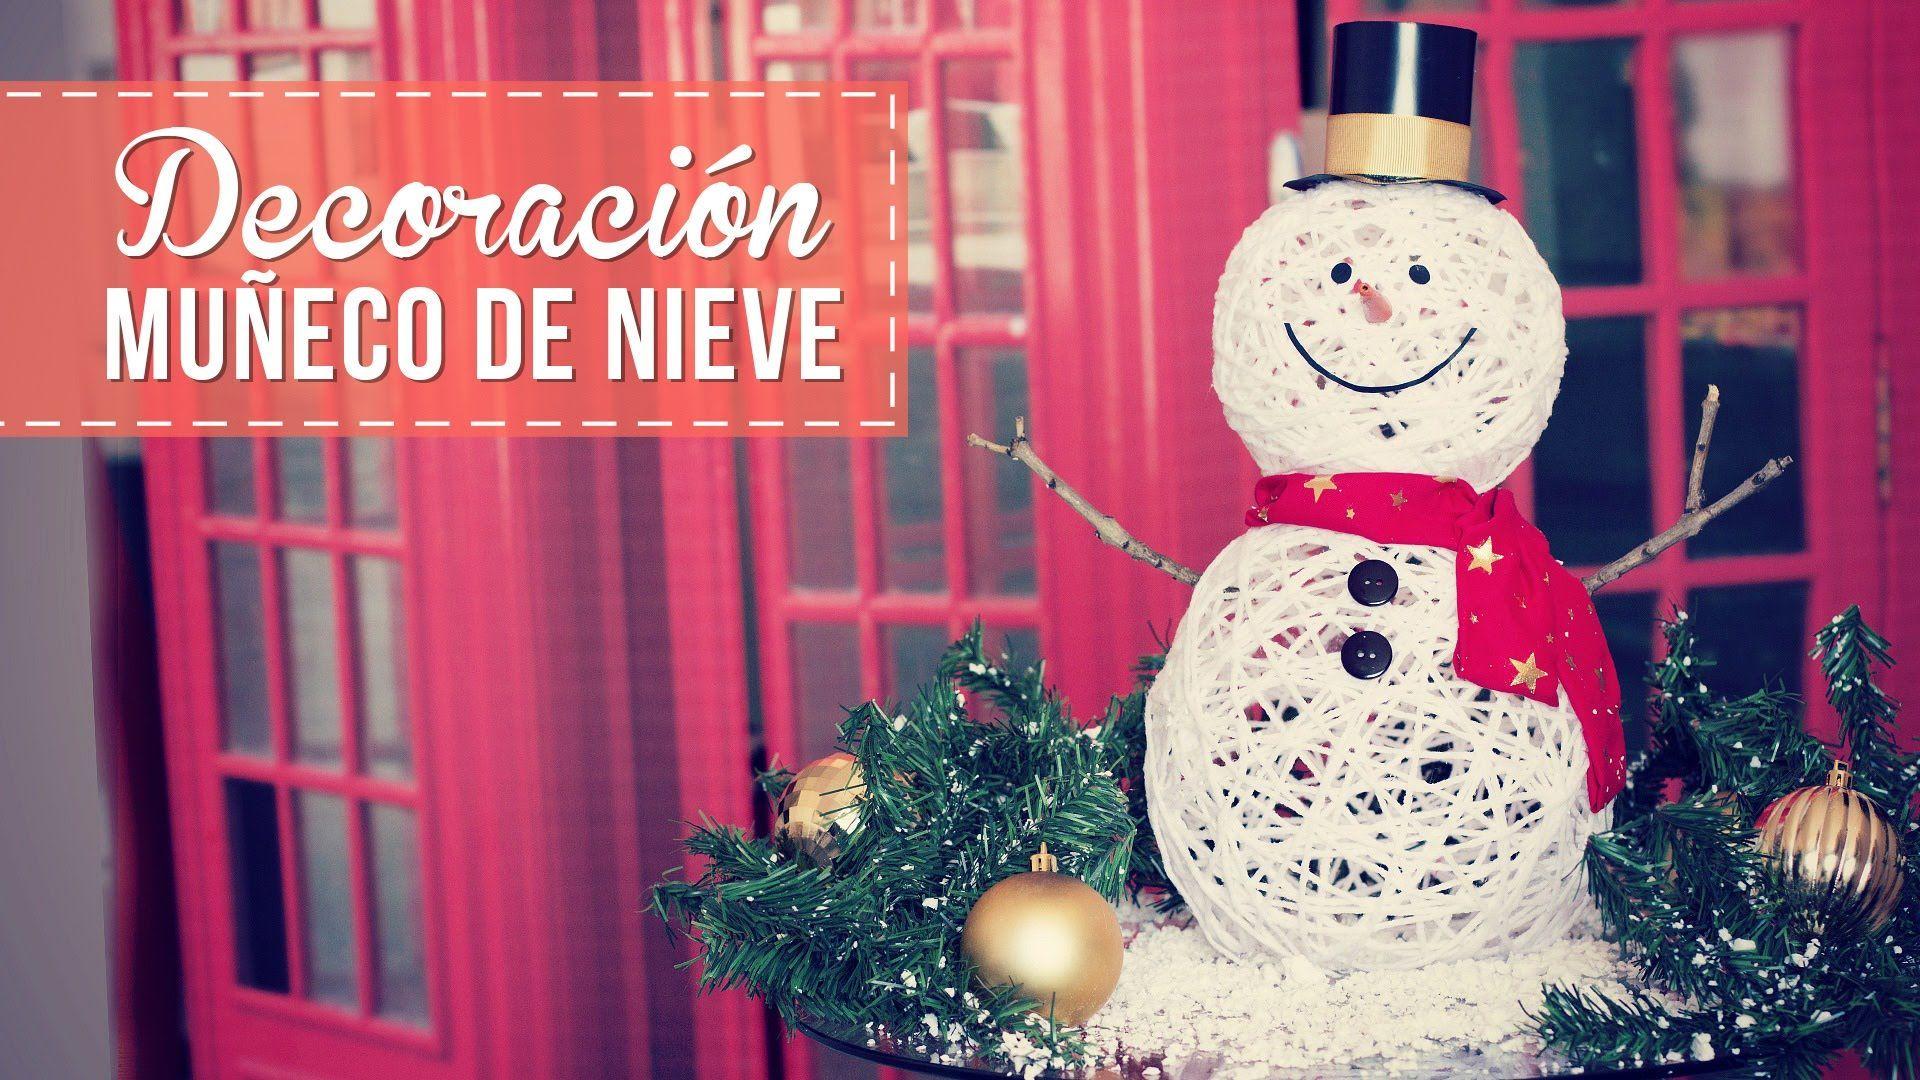 DIY como hacer Muñecos de Nieve para decorar - Patrones gratis